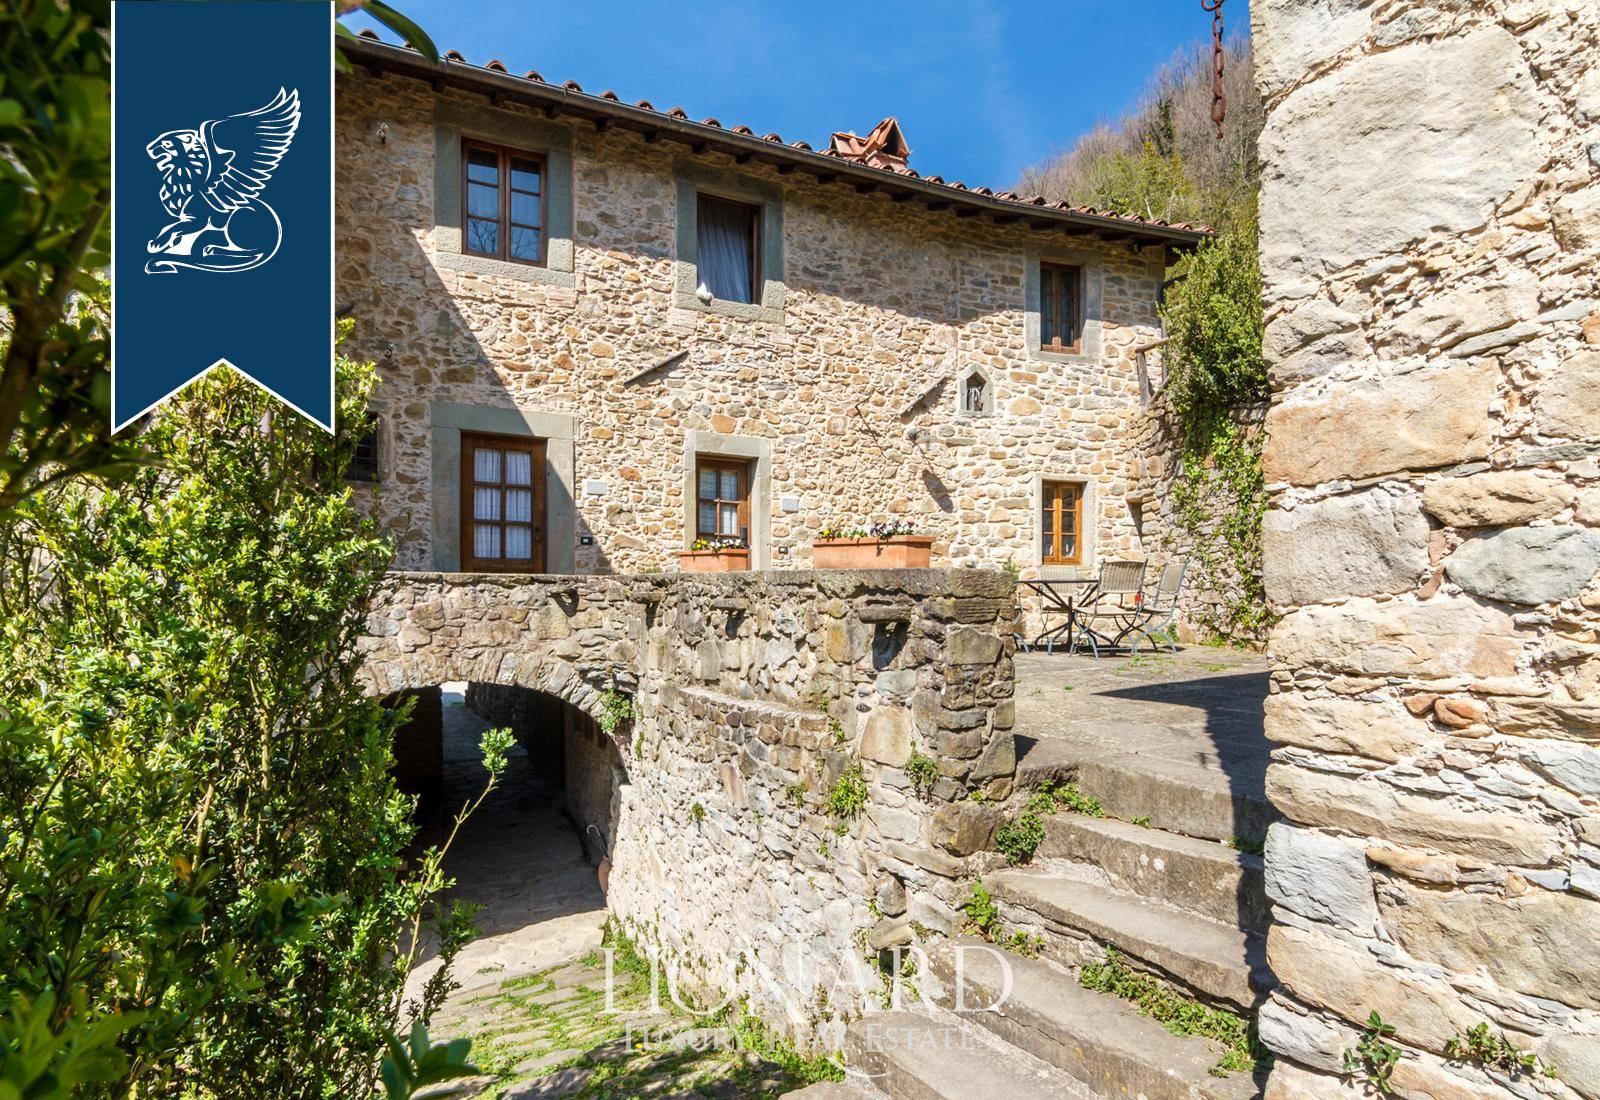 Azienda in Vendita a Bagni Di Lucca: 0 locali, 800 mq - Foto 4